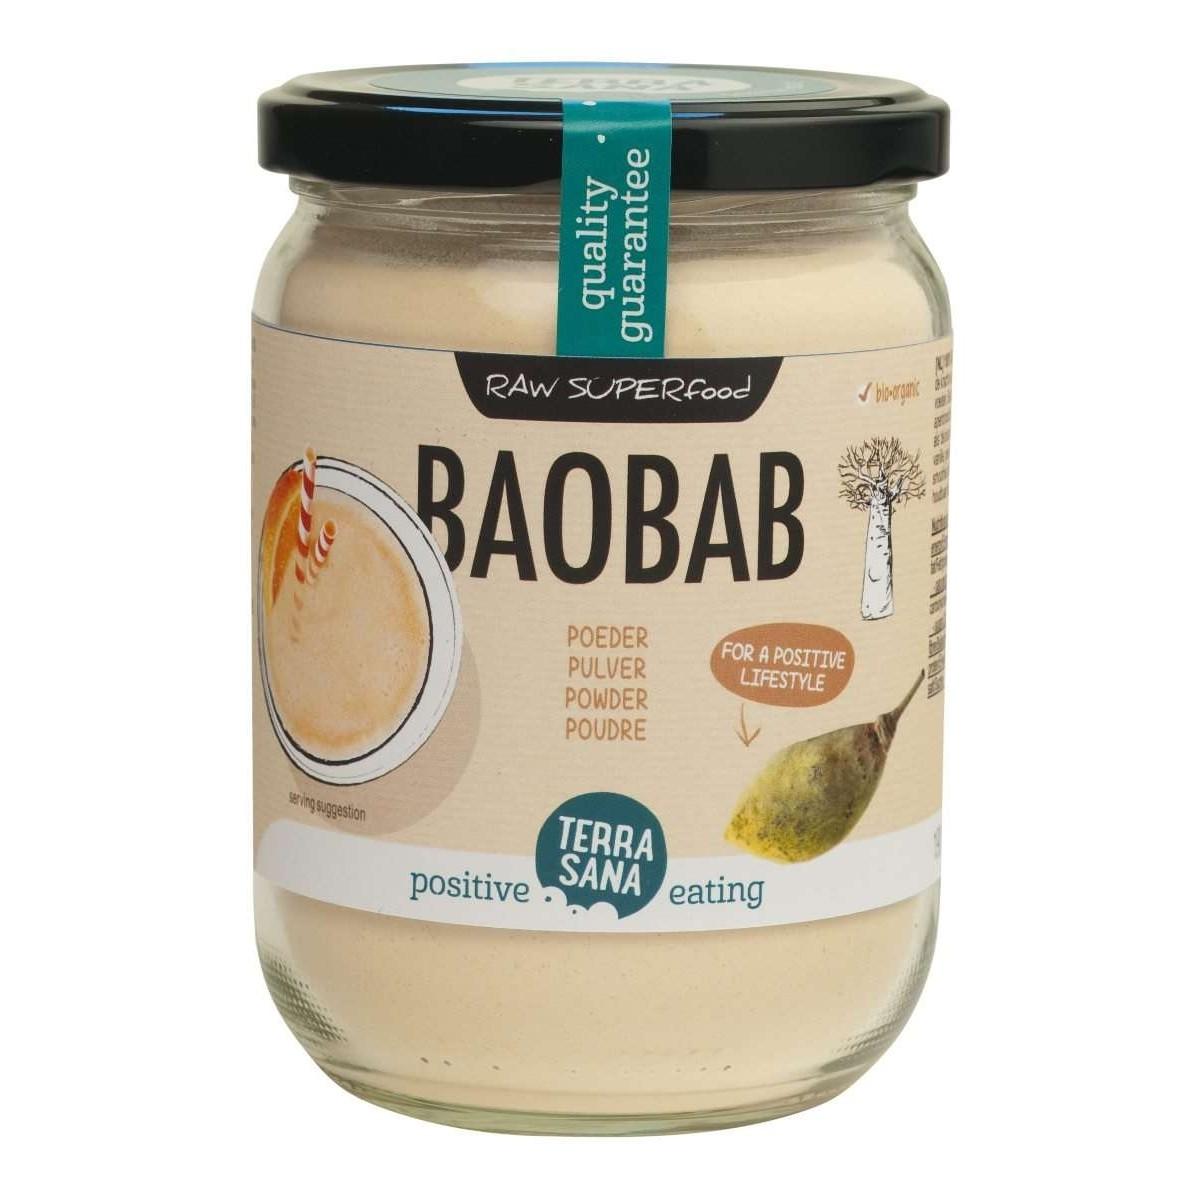 Baobabpoeder (glas)